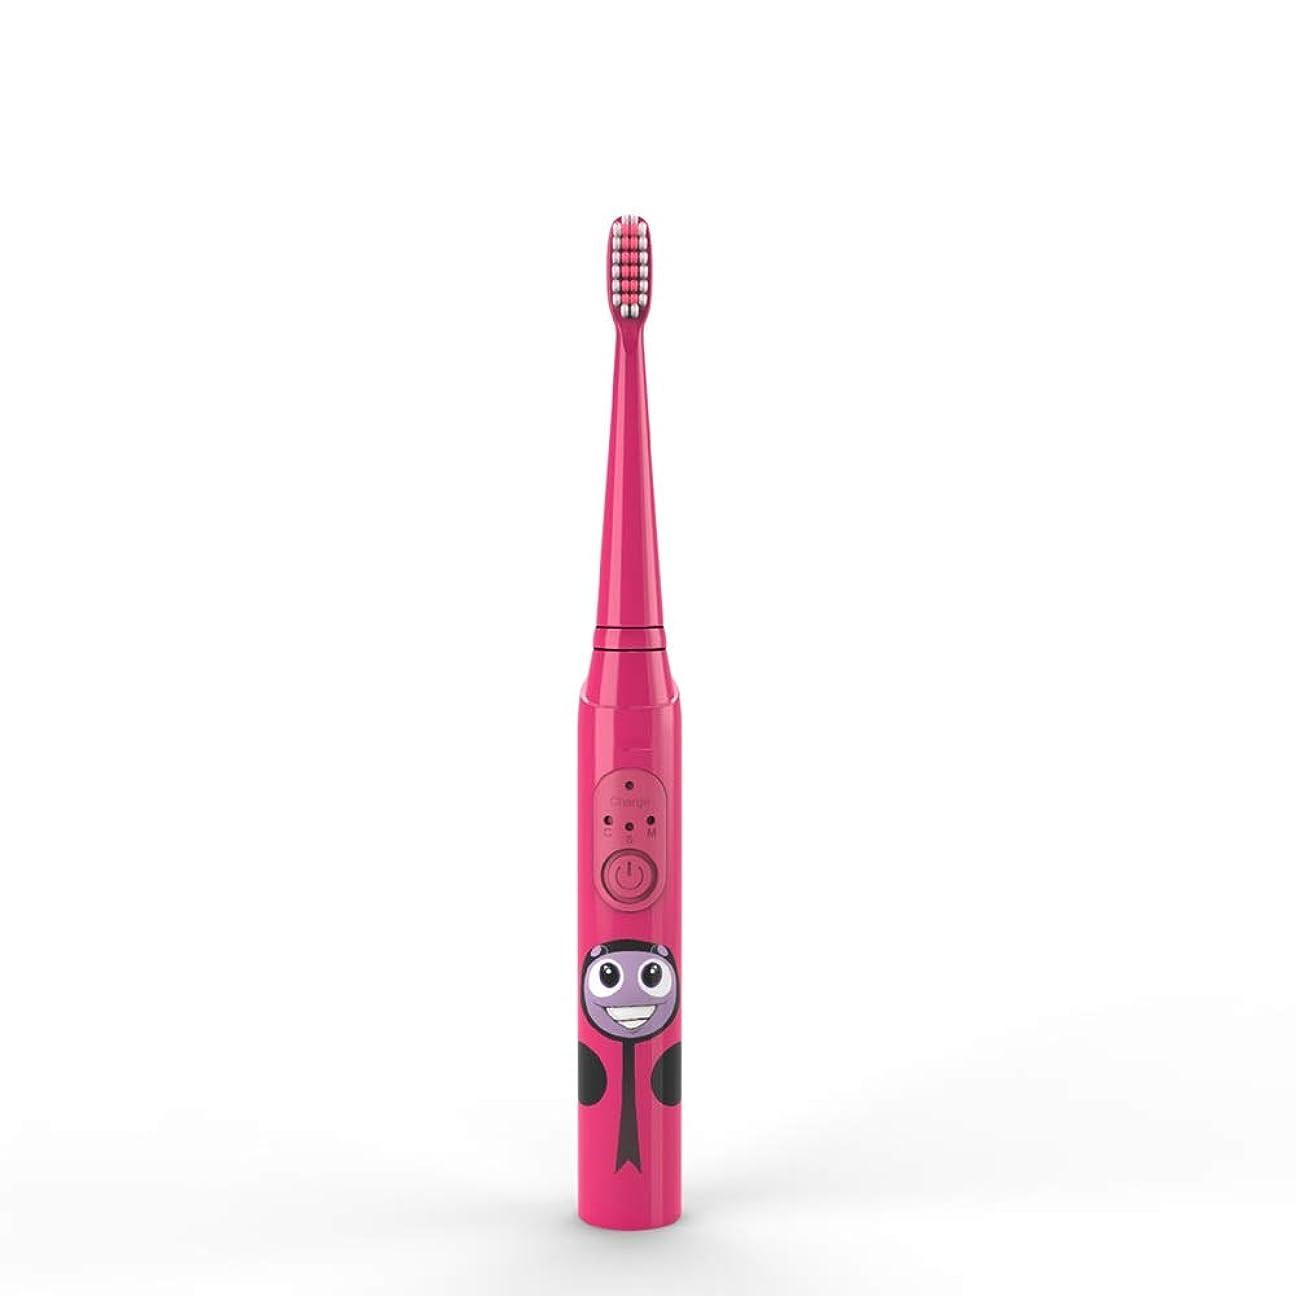 抑圧者カラス恐れ子供の電動歯ブラシUSB充電式保護清潔で柔らかい毛の歯ブラシ 完全な口腔ケアのために (色 : 赤, サイズ : Free size)